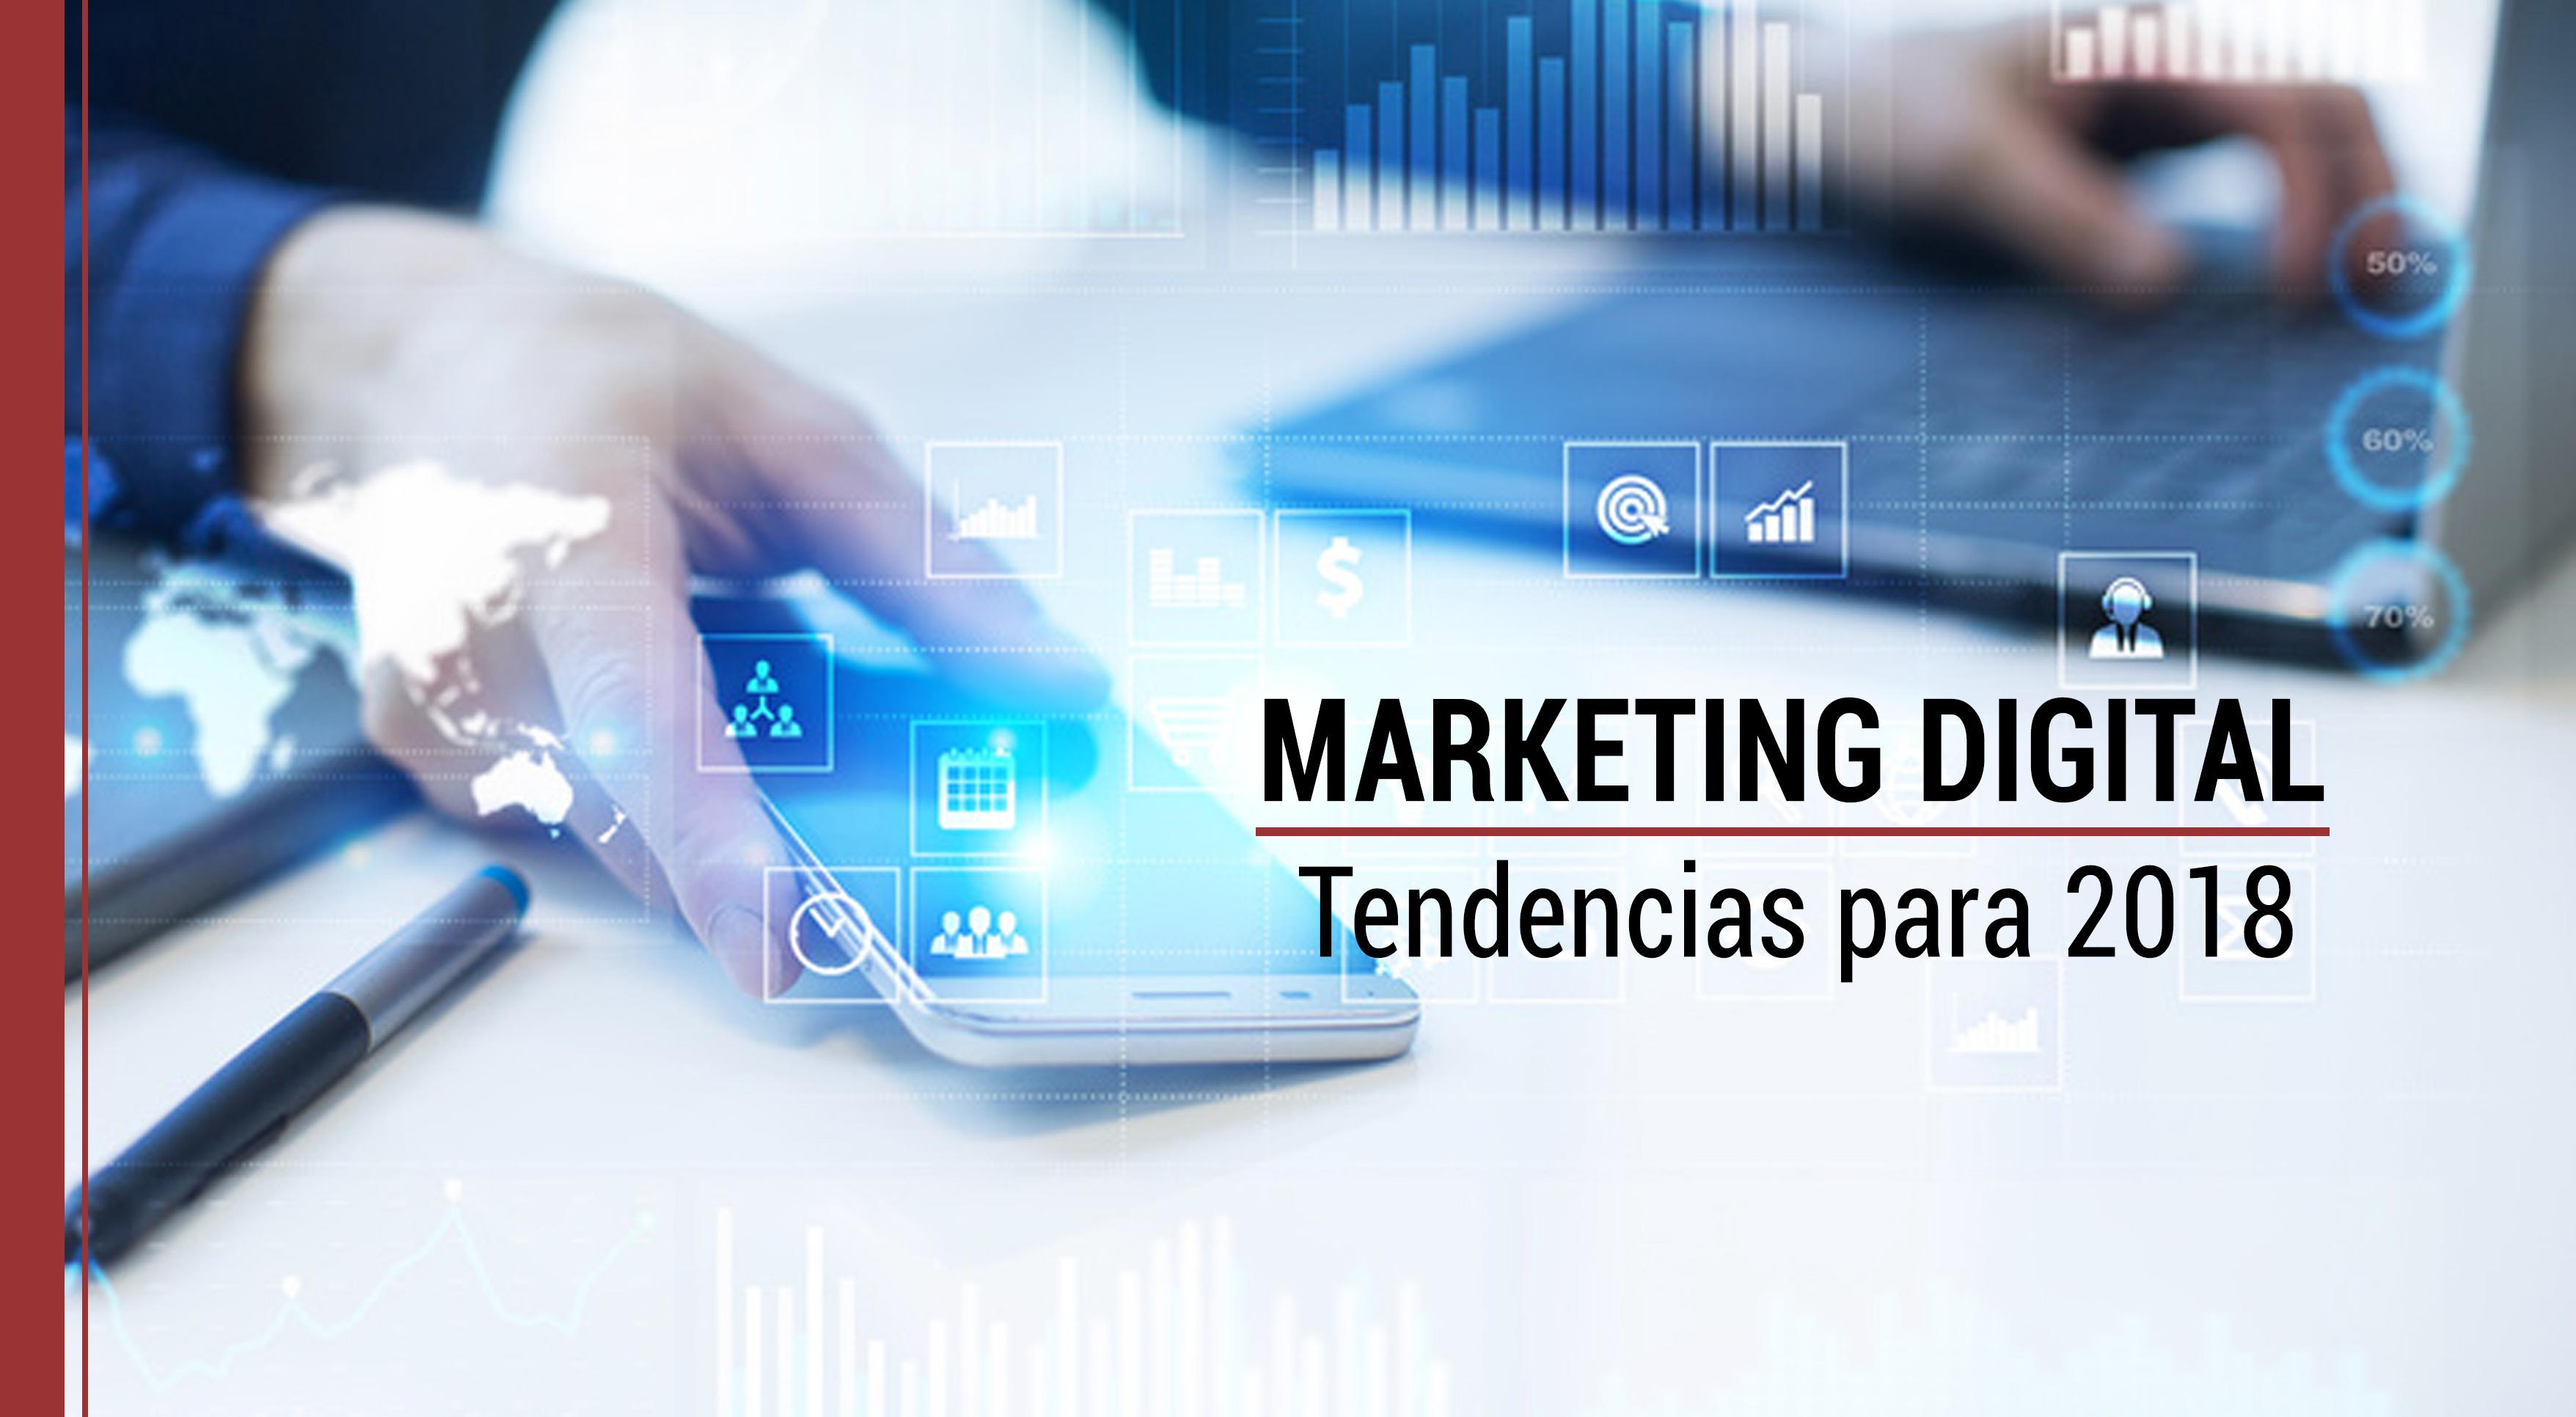 tendencias para 2018 en marketing digital